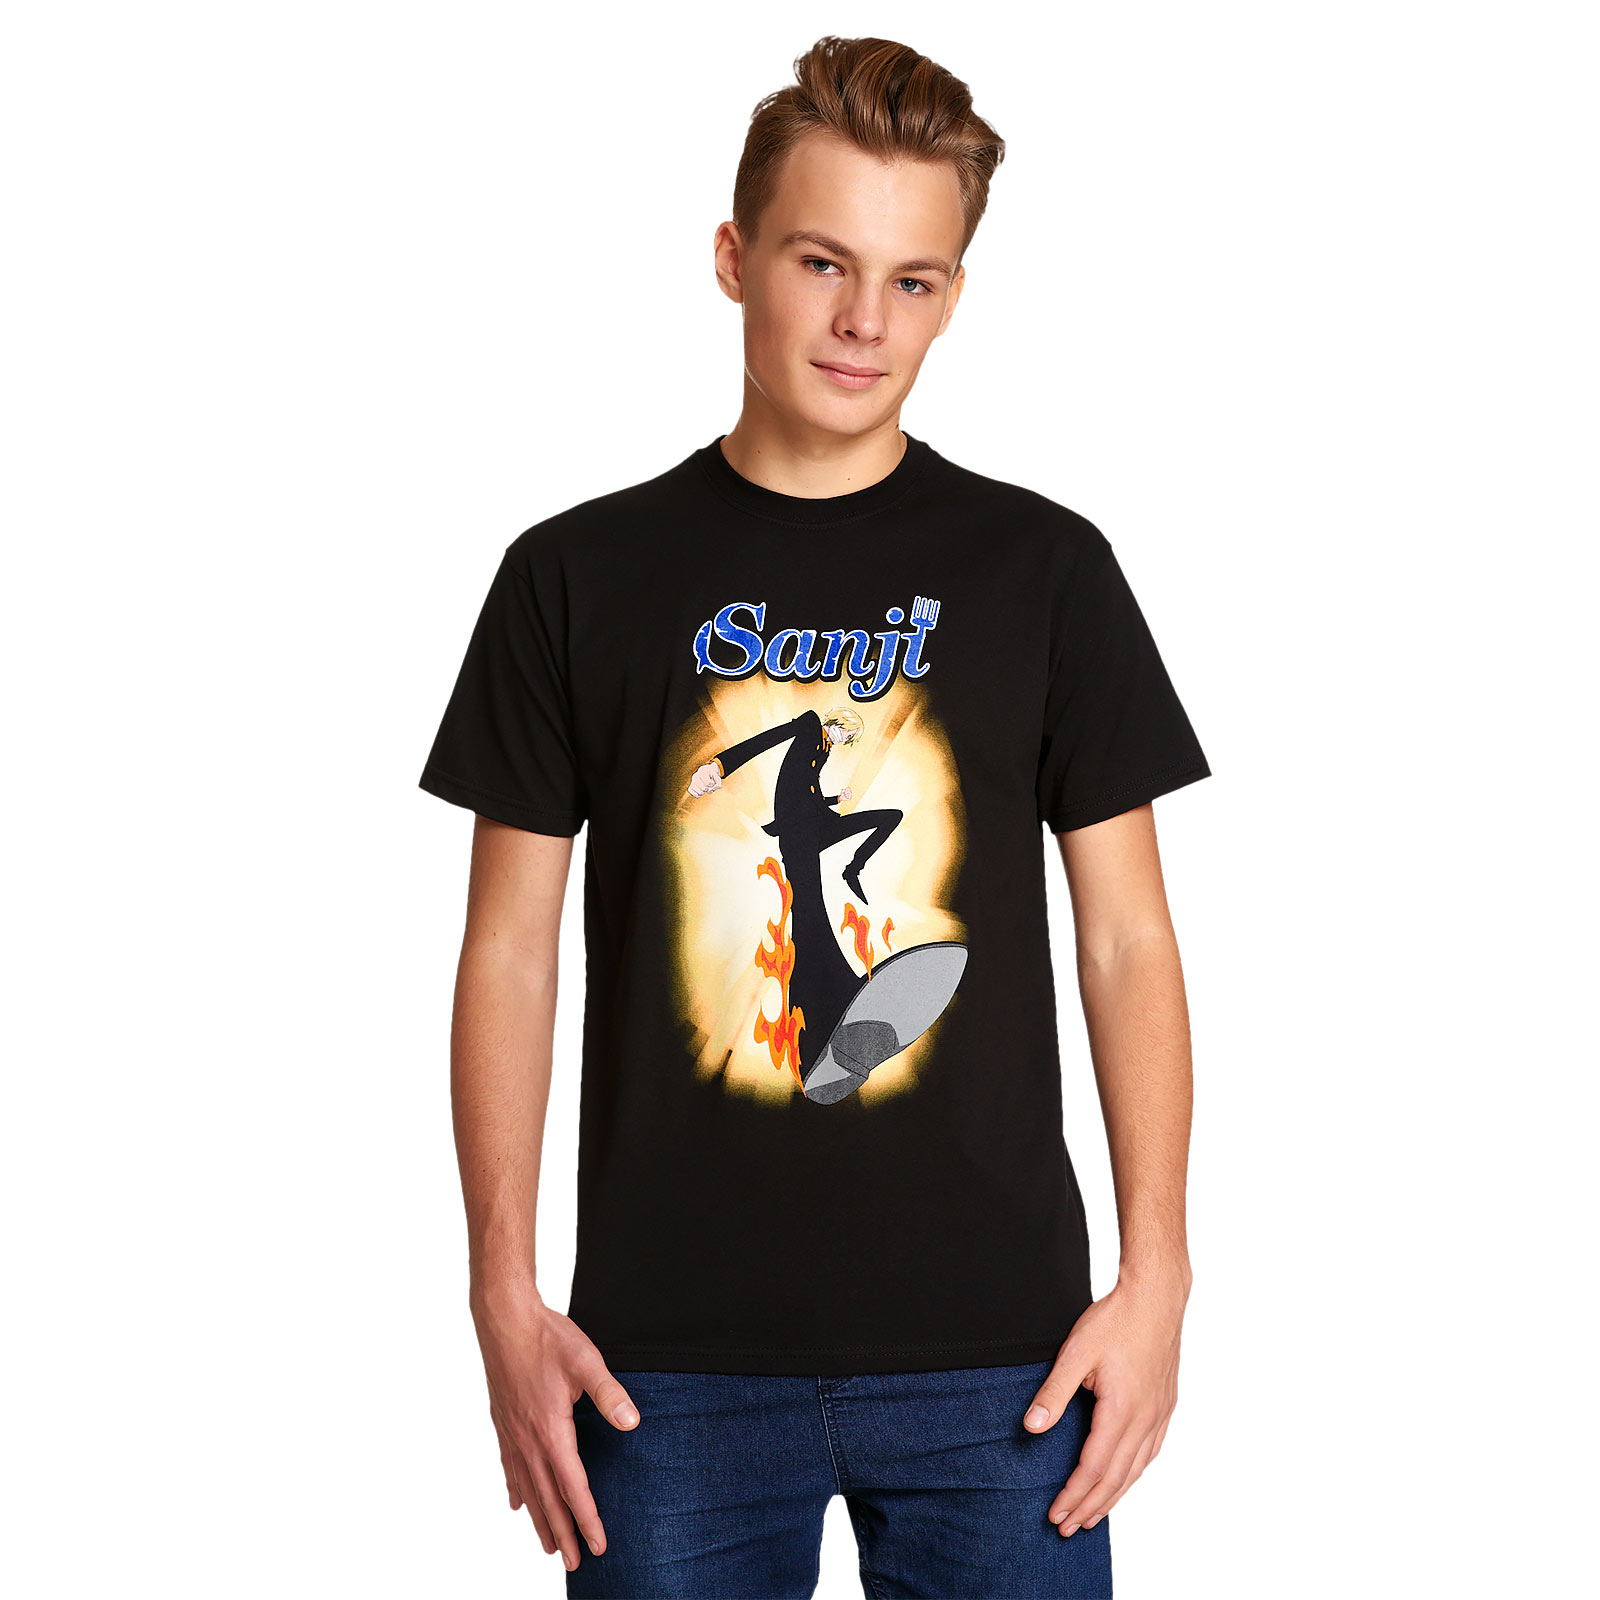 One Piece - Sanji T-Shirt schwarz